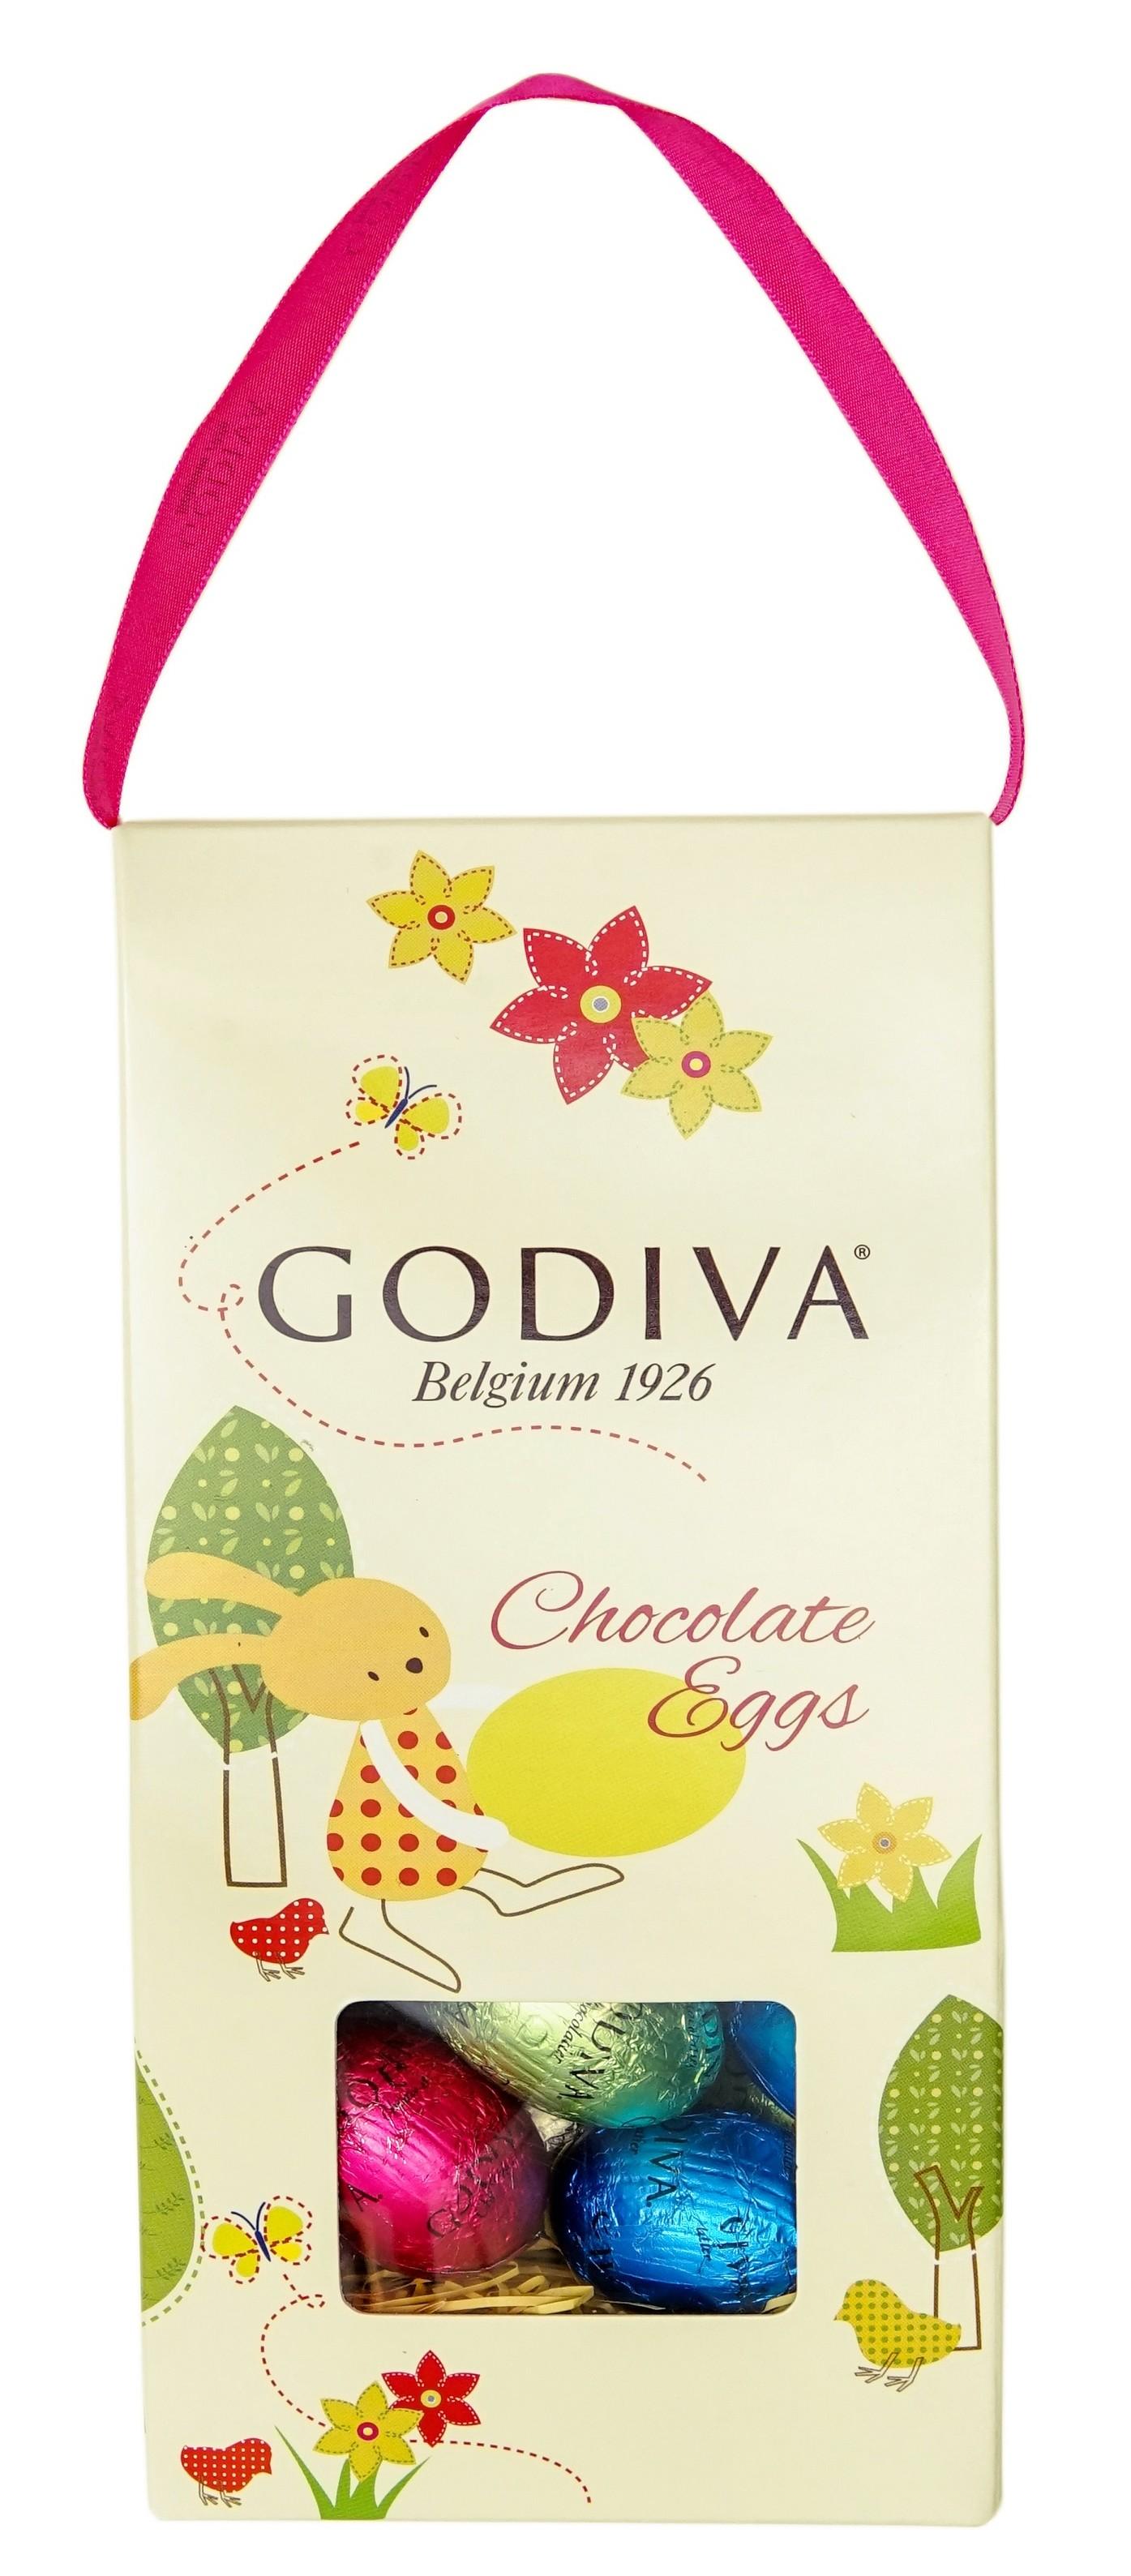 復活蛋巧克力禮盒10顆裝 NT$950